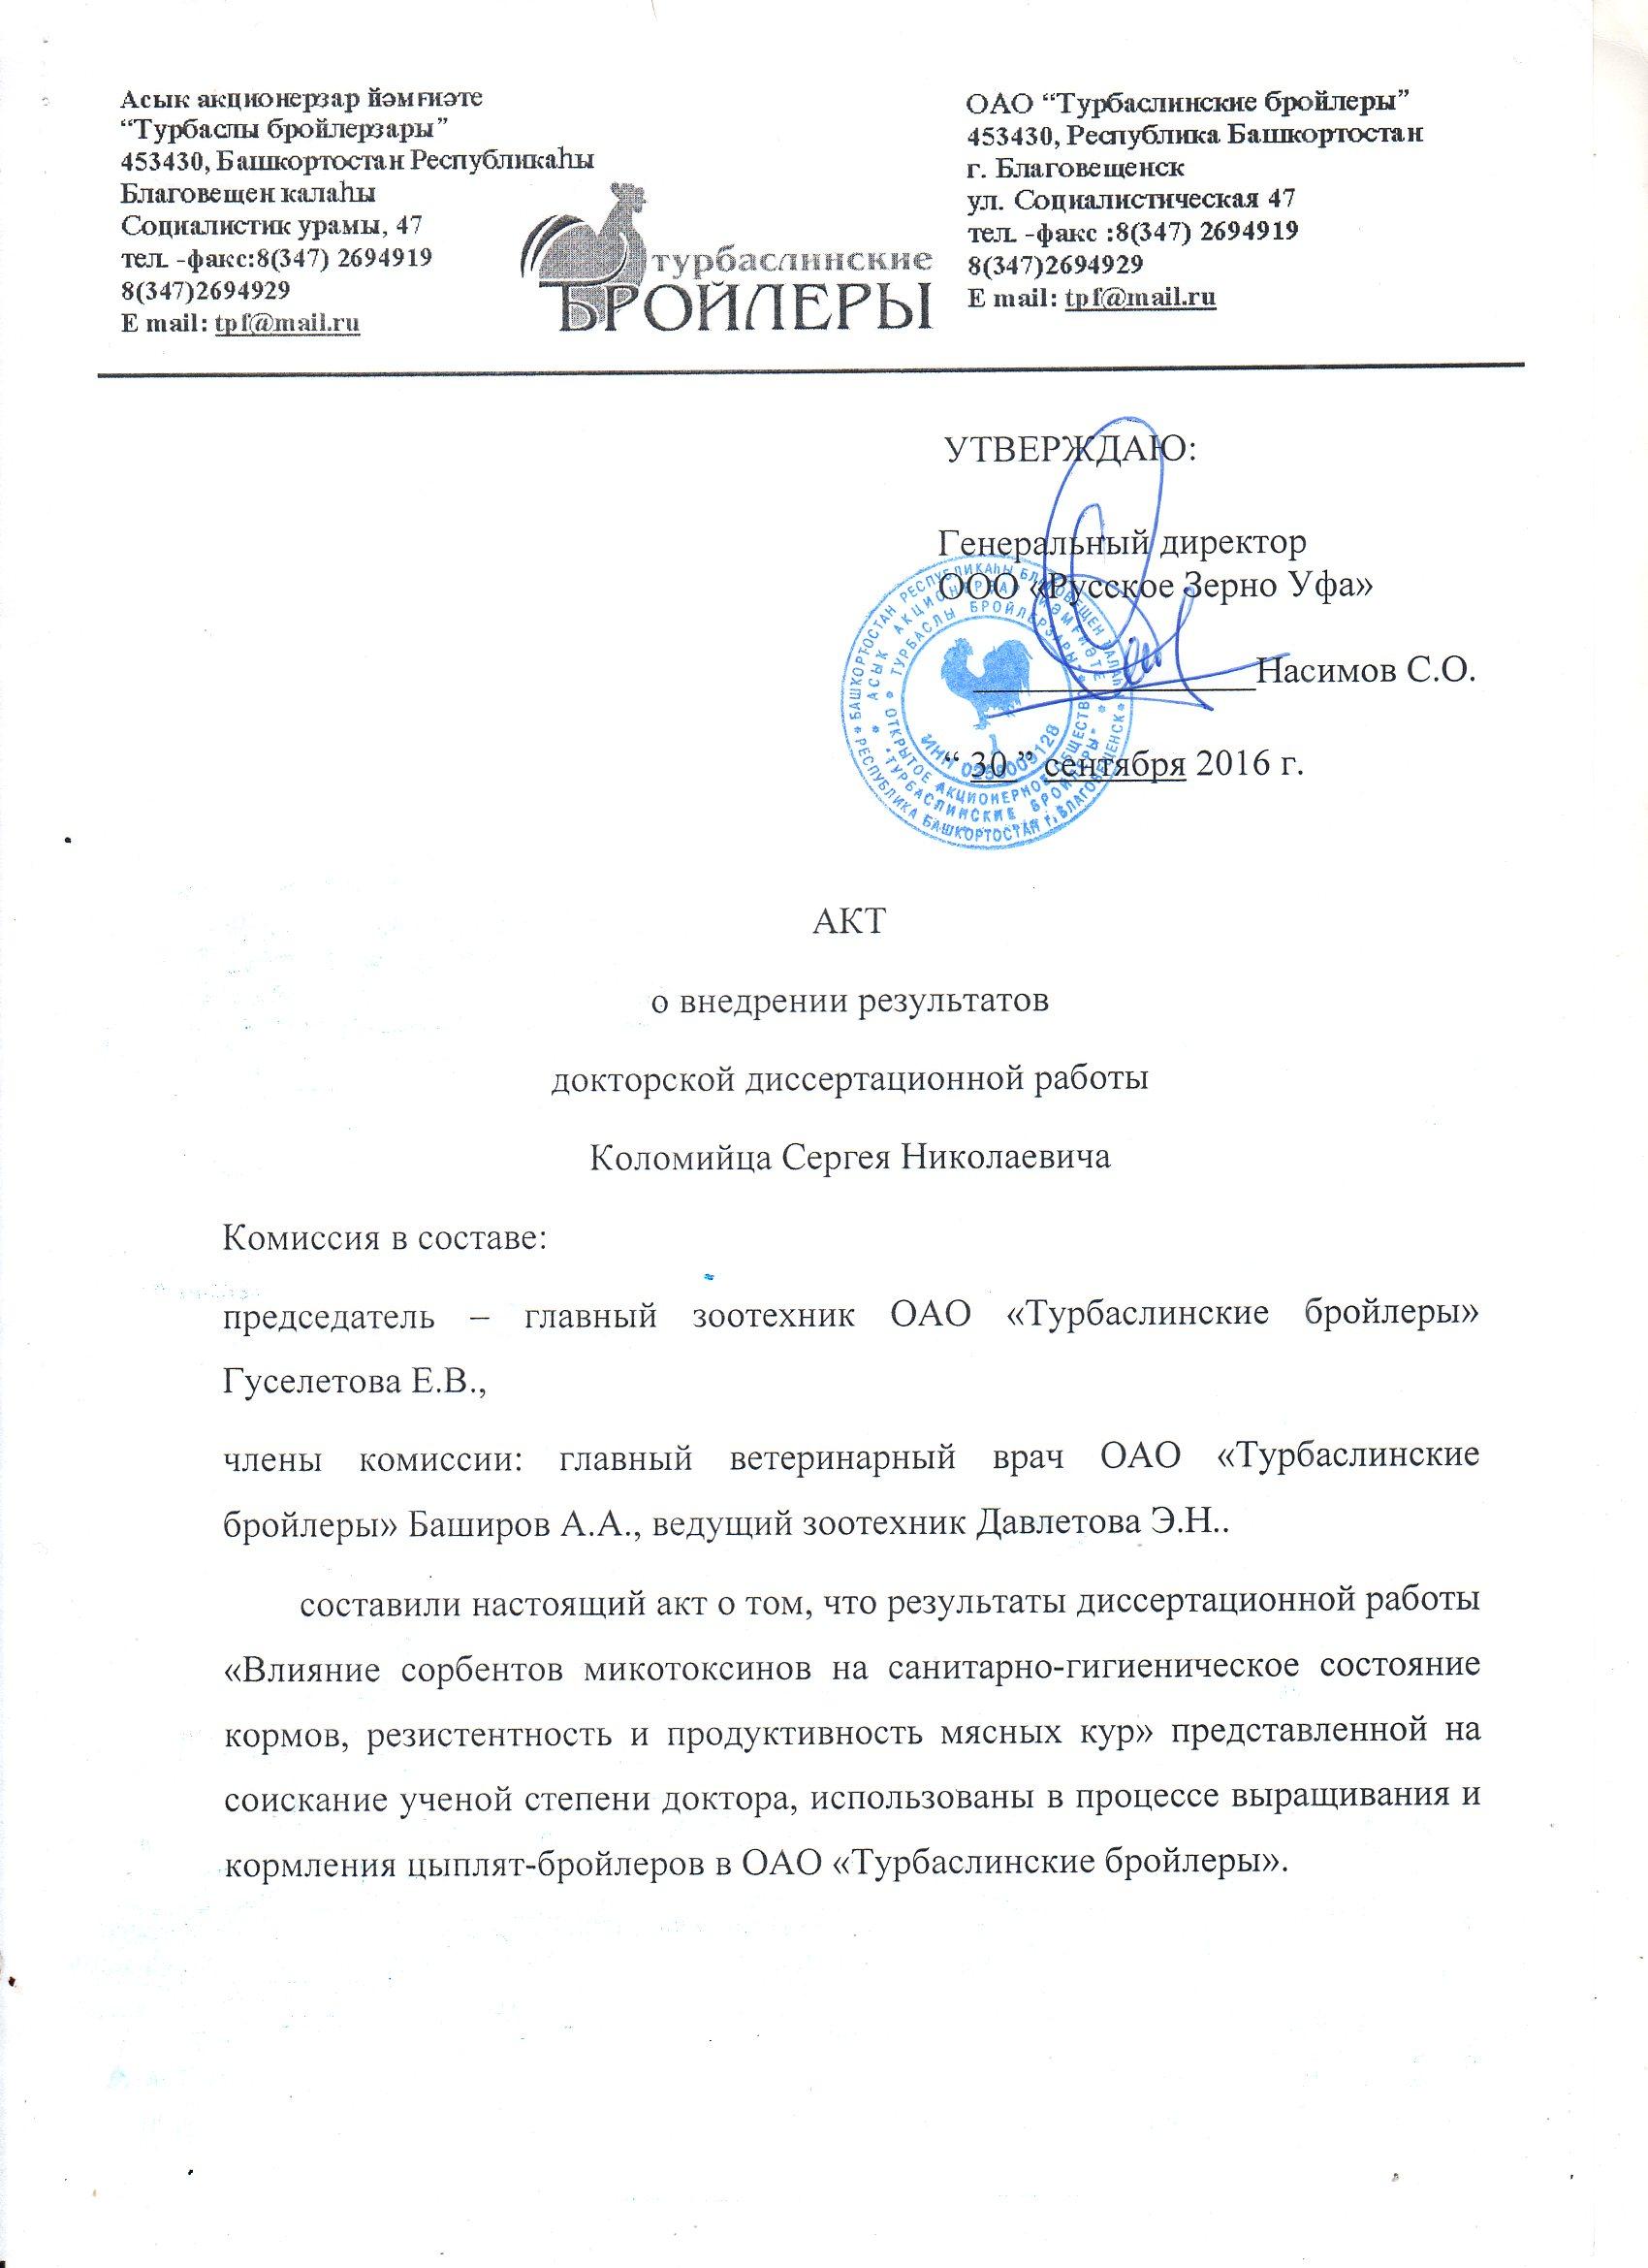 Акт о внедрении докторской диссертационной работы Коломийца Сергея Николаевича